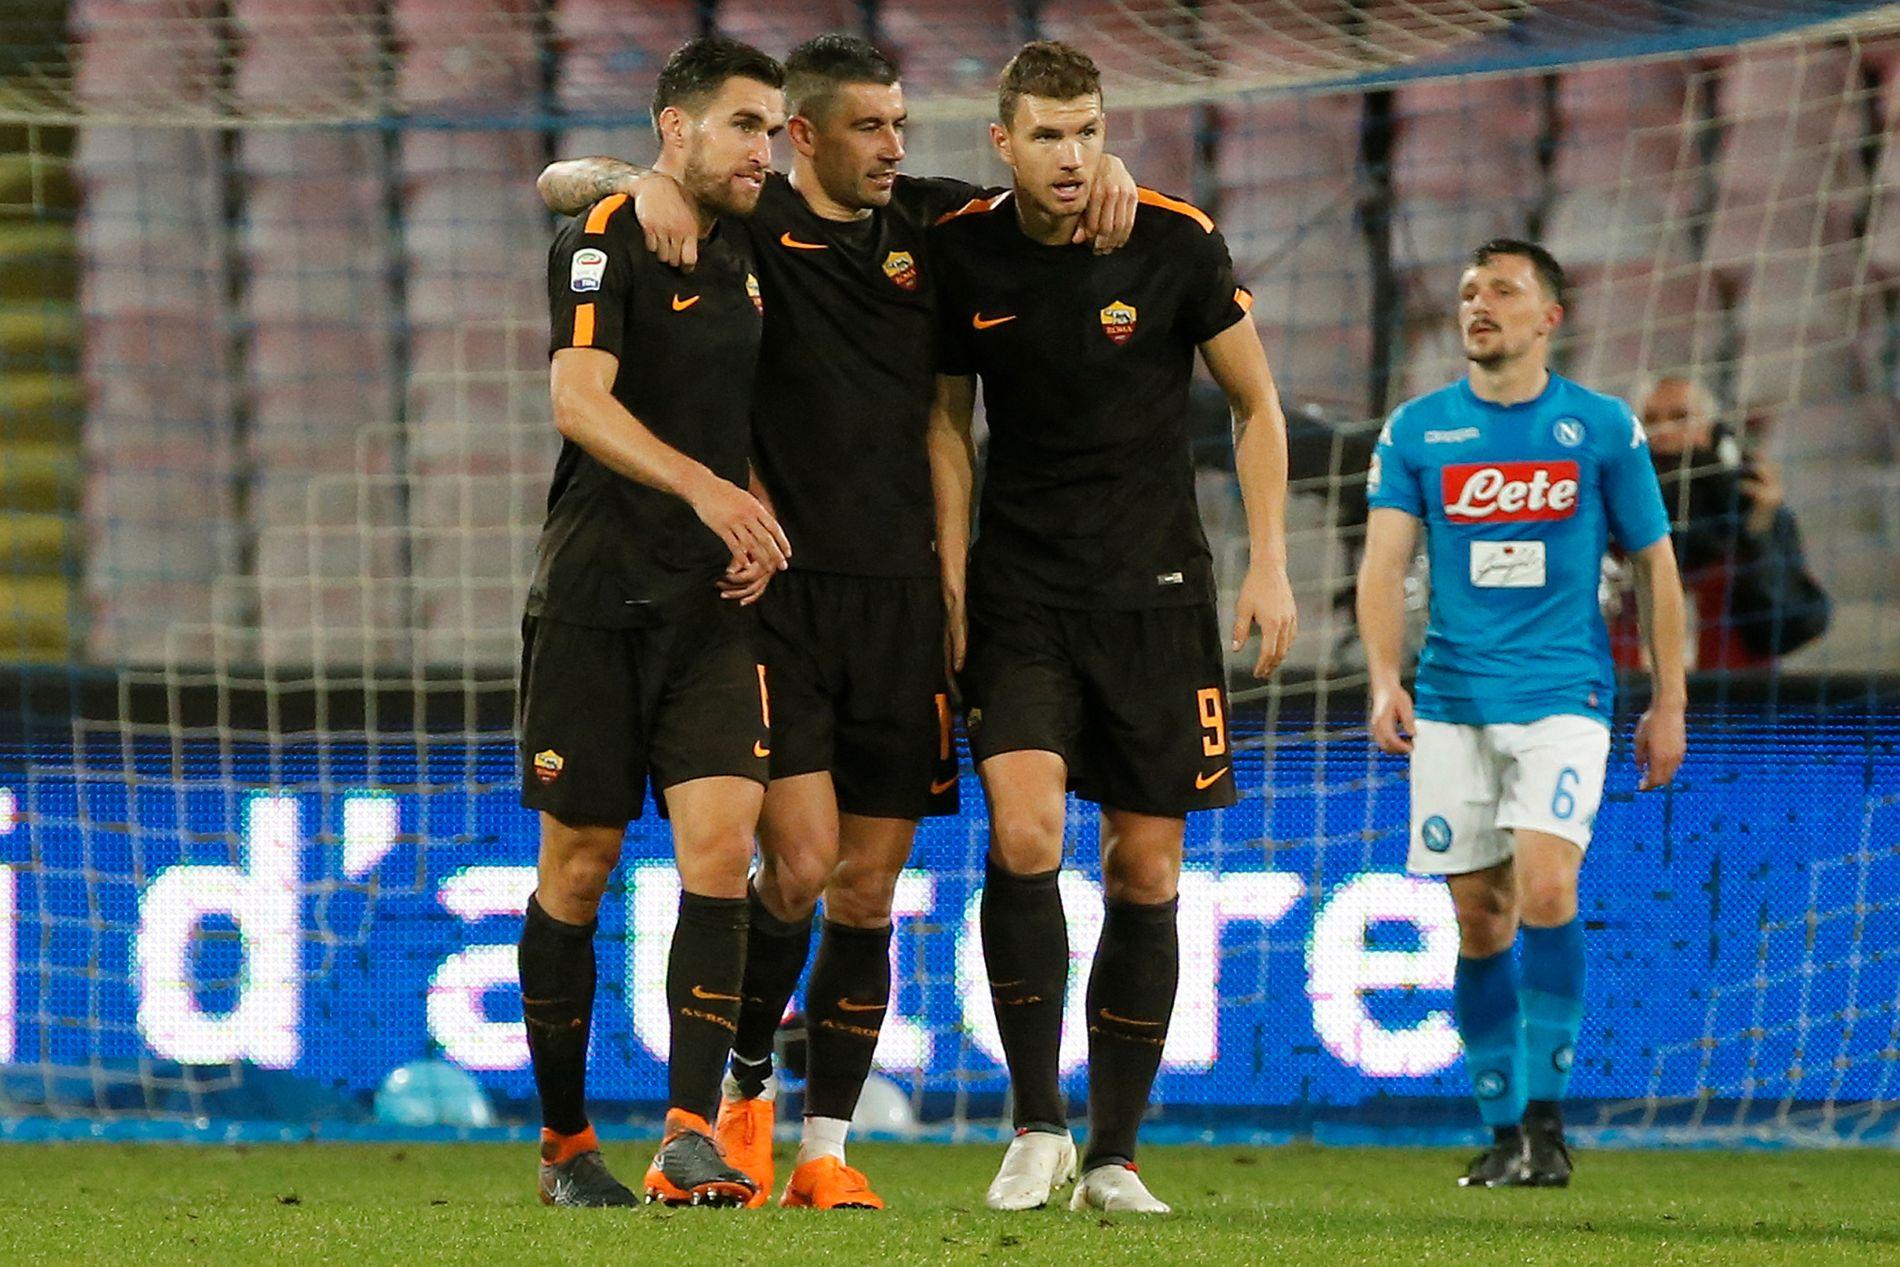 TOPPSCORER: Edin Dzeko (t.h.) scoret to mål da serieleder Napoli ble slått 4-2 borte forrige runde. Han er Romas toppscorer med 13 ligamål. Her feirer han med Aleksandar Kolarov (midten) og Kevin Strootman (t.v.).